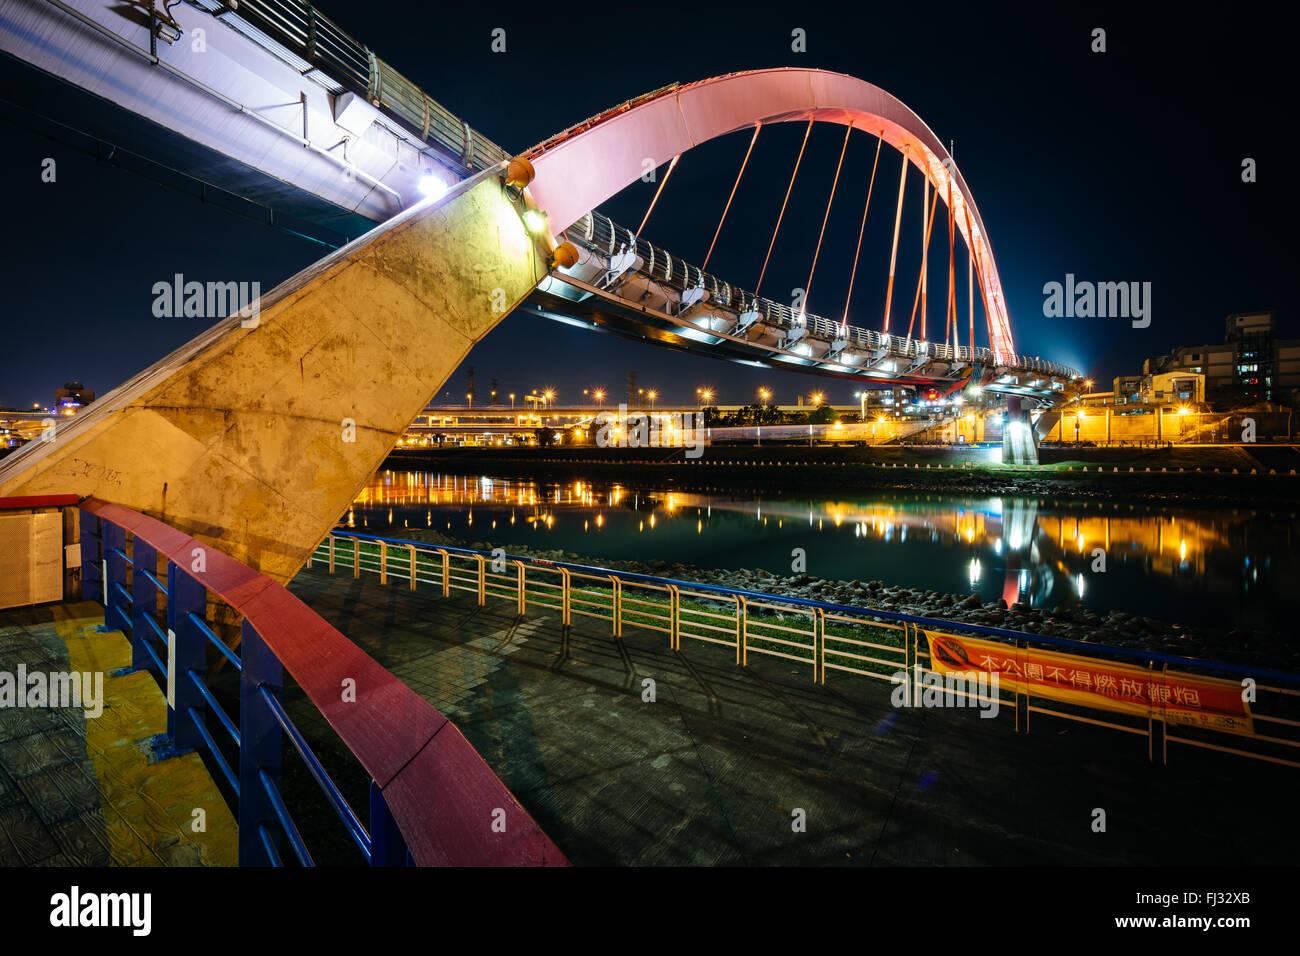 Il Ponte di Arcobaleno di notte, in Taipei, Taiwan. Immagini Stock